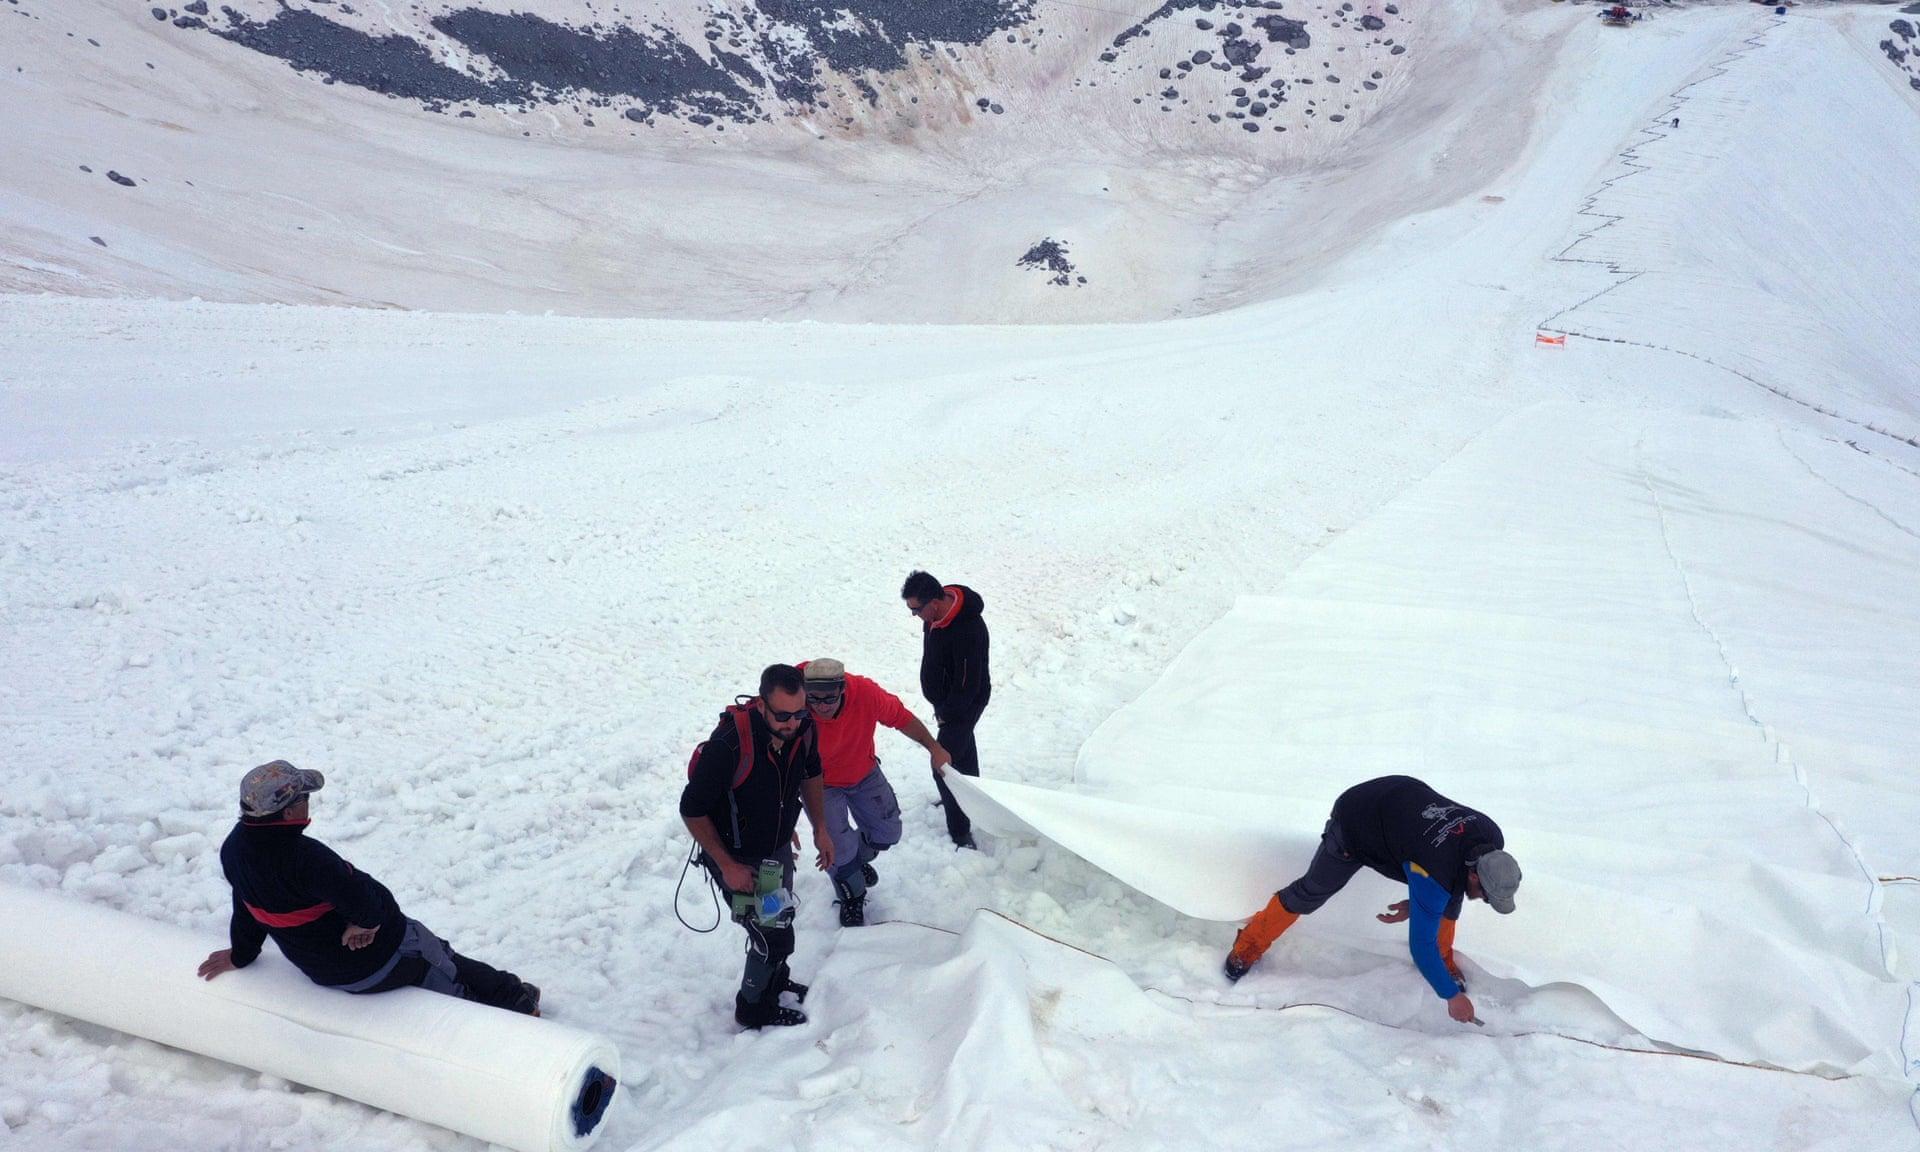 У горах Італії льодовик накривають брезентом, щоб він не танув